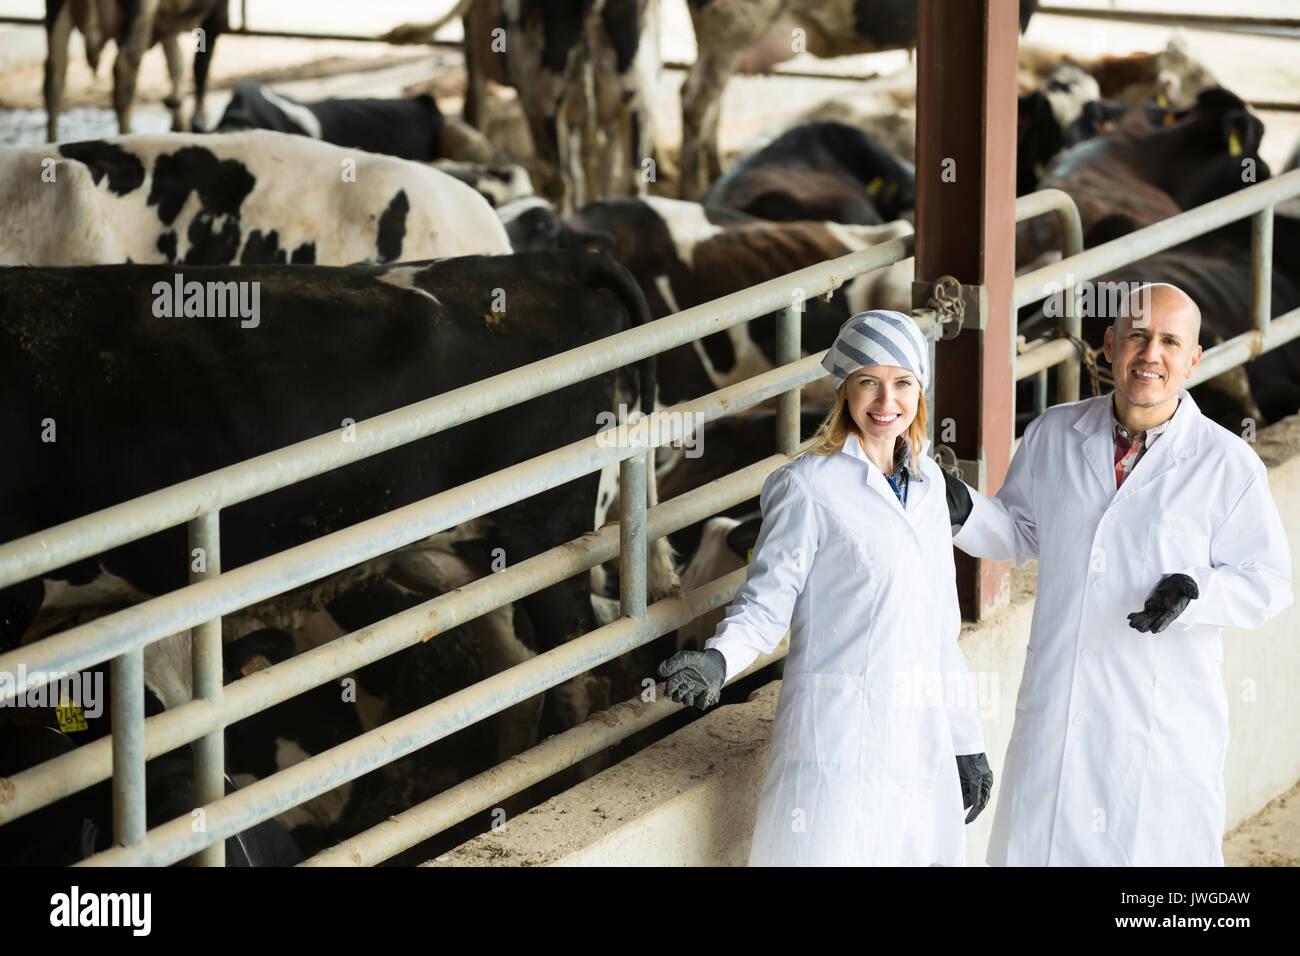 La maturité et les jeunes techniciens vétérinaires, debout près de l'élevage de vaches en barnm Banque D'Images